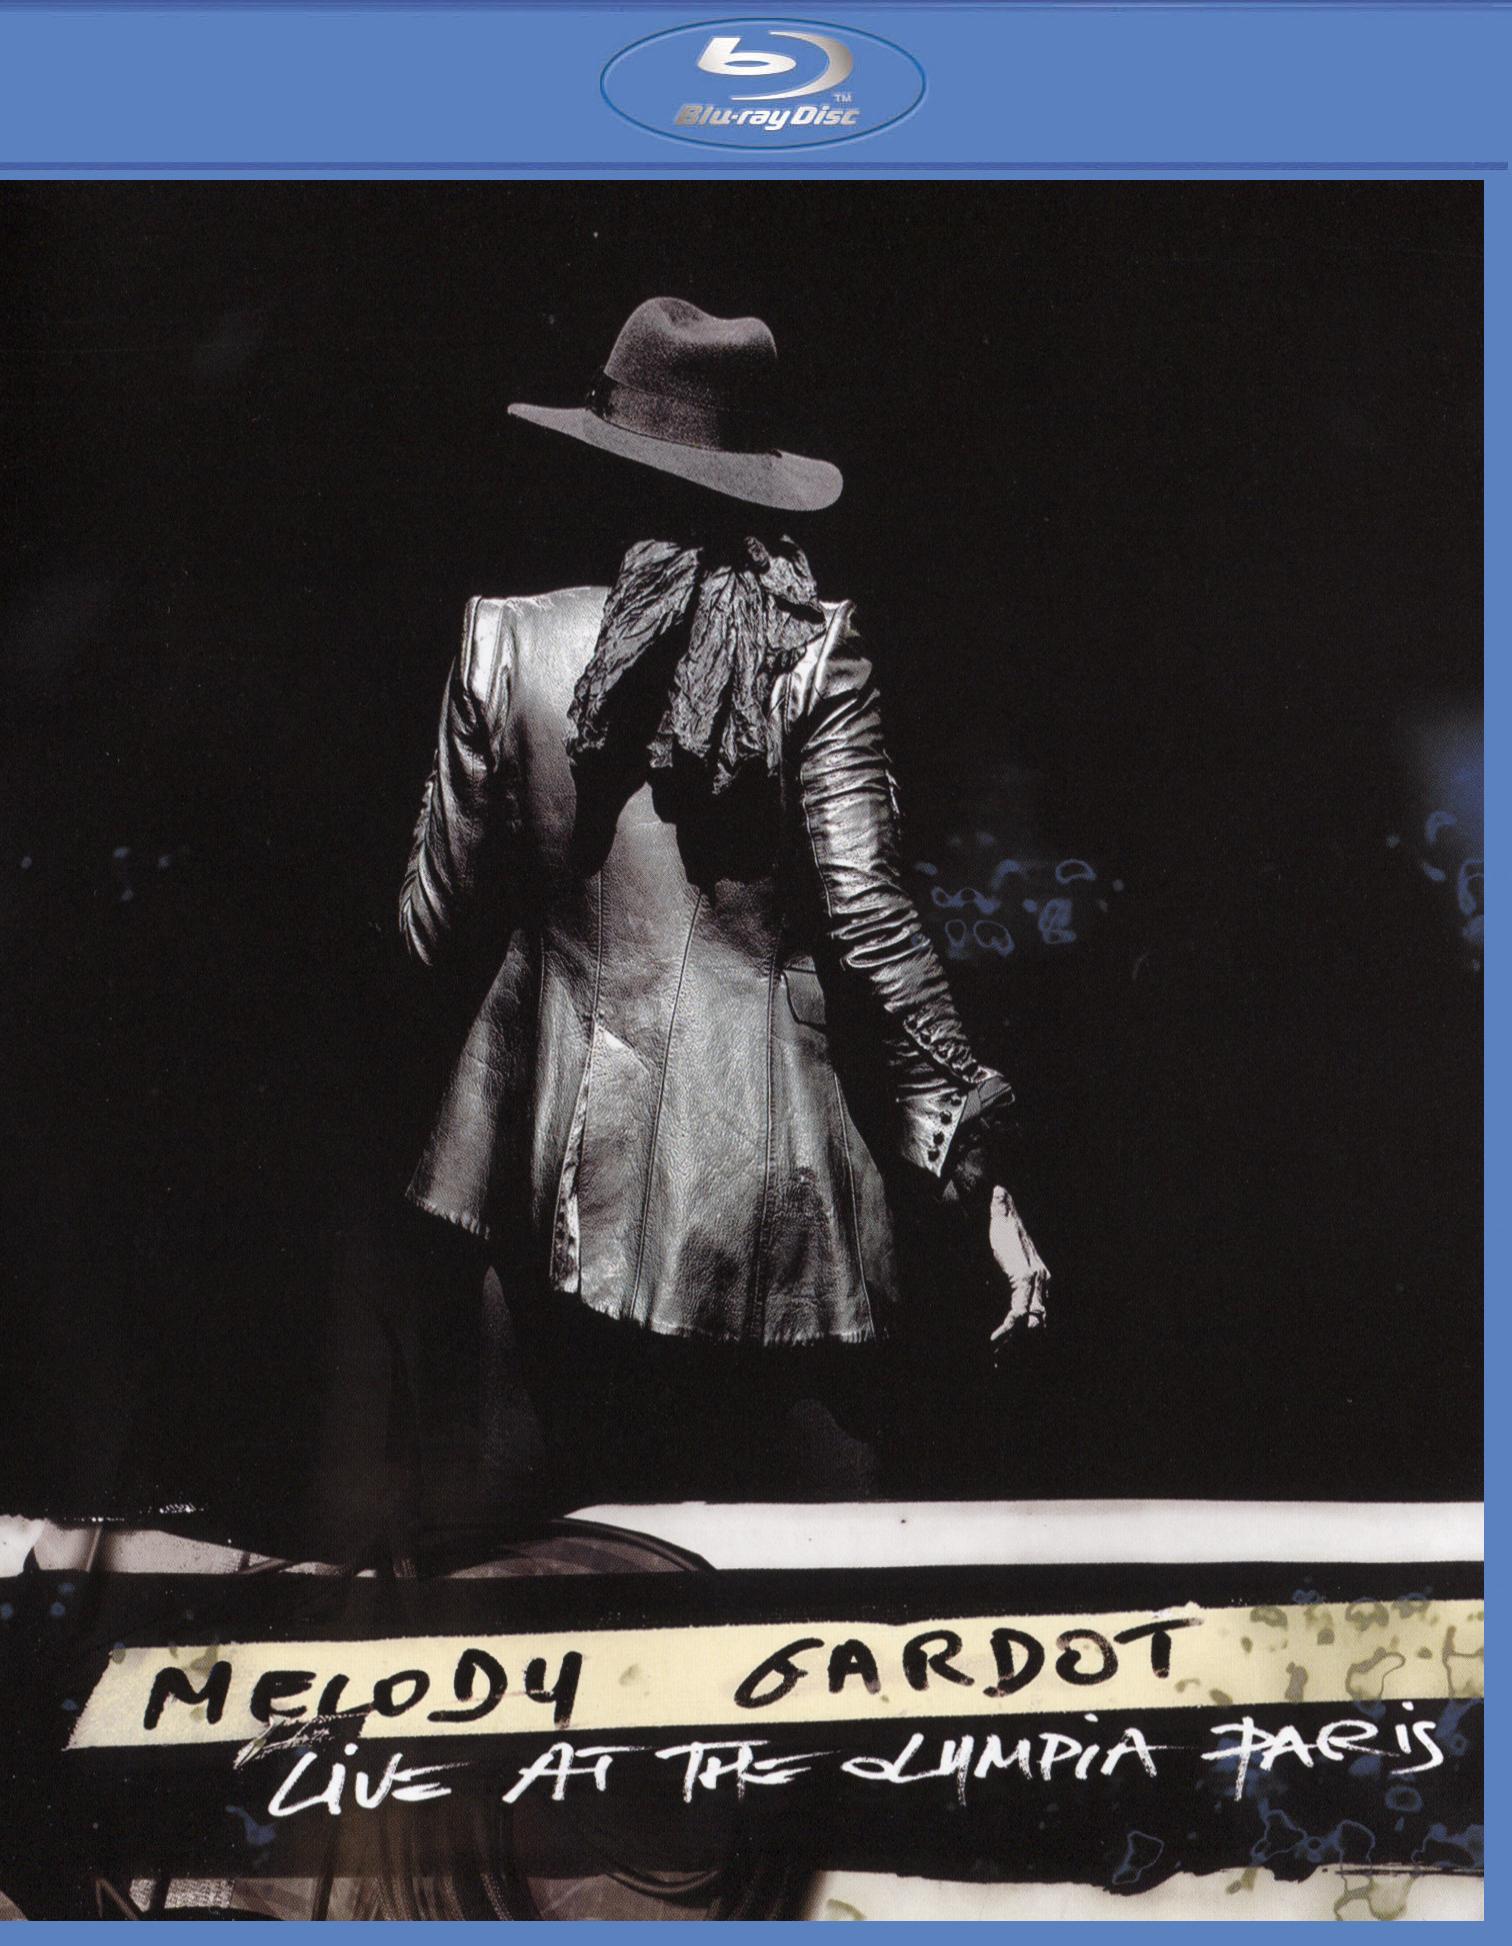 Melody Gardot: Live at the Olympia Paris